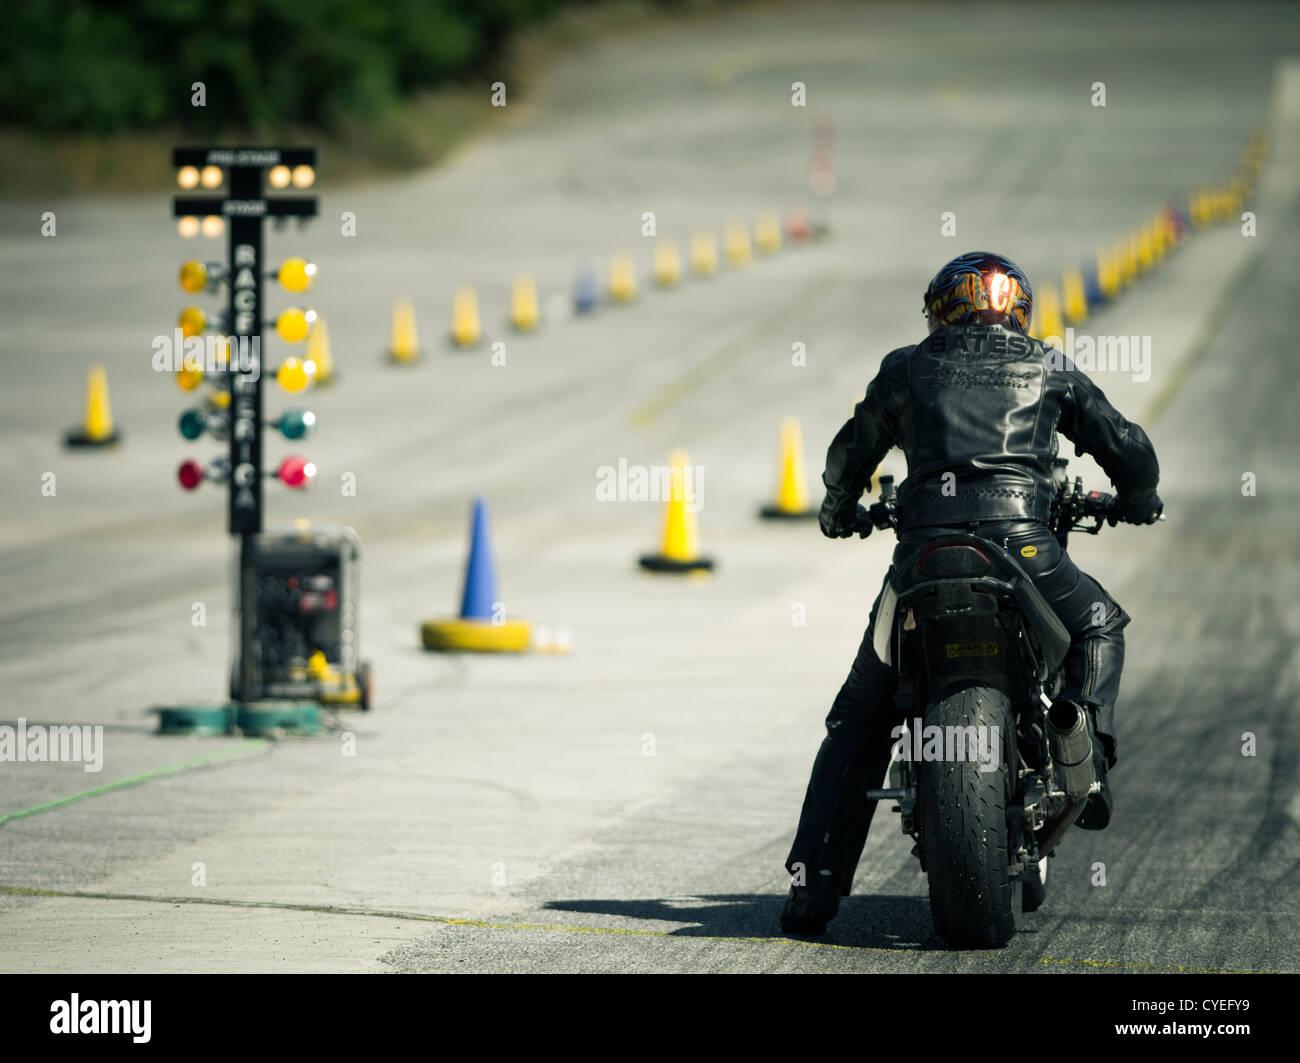 Moto Racer glisser sur le drag strip en attendant le feu vert Photo Stock